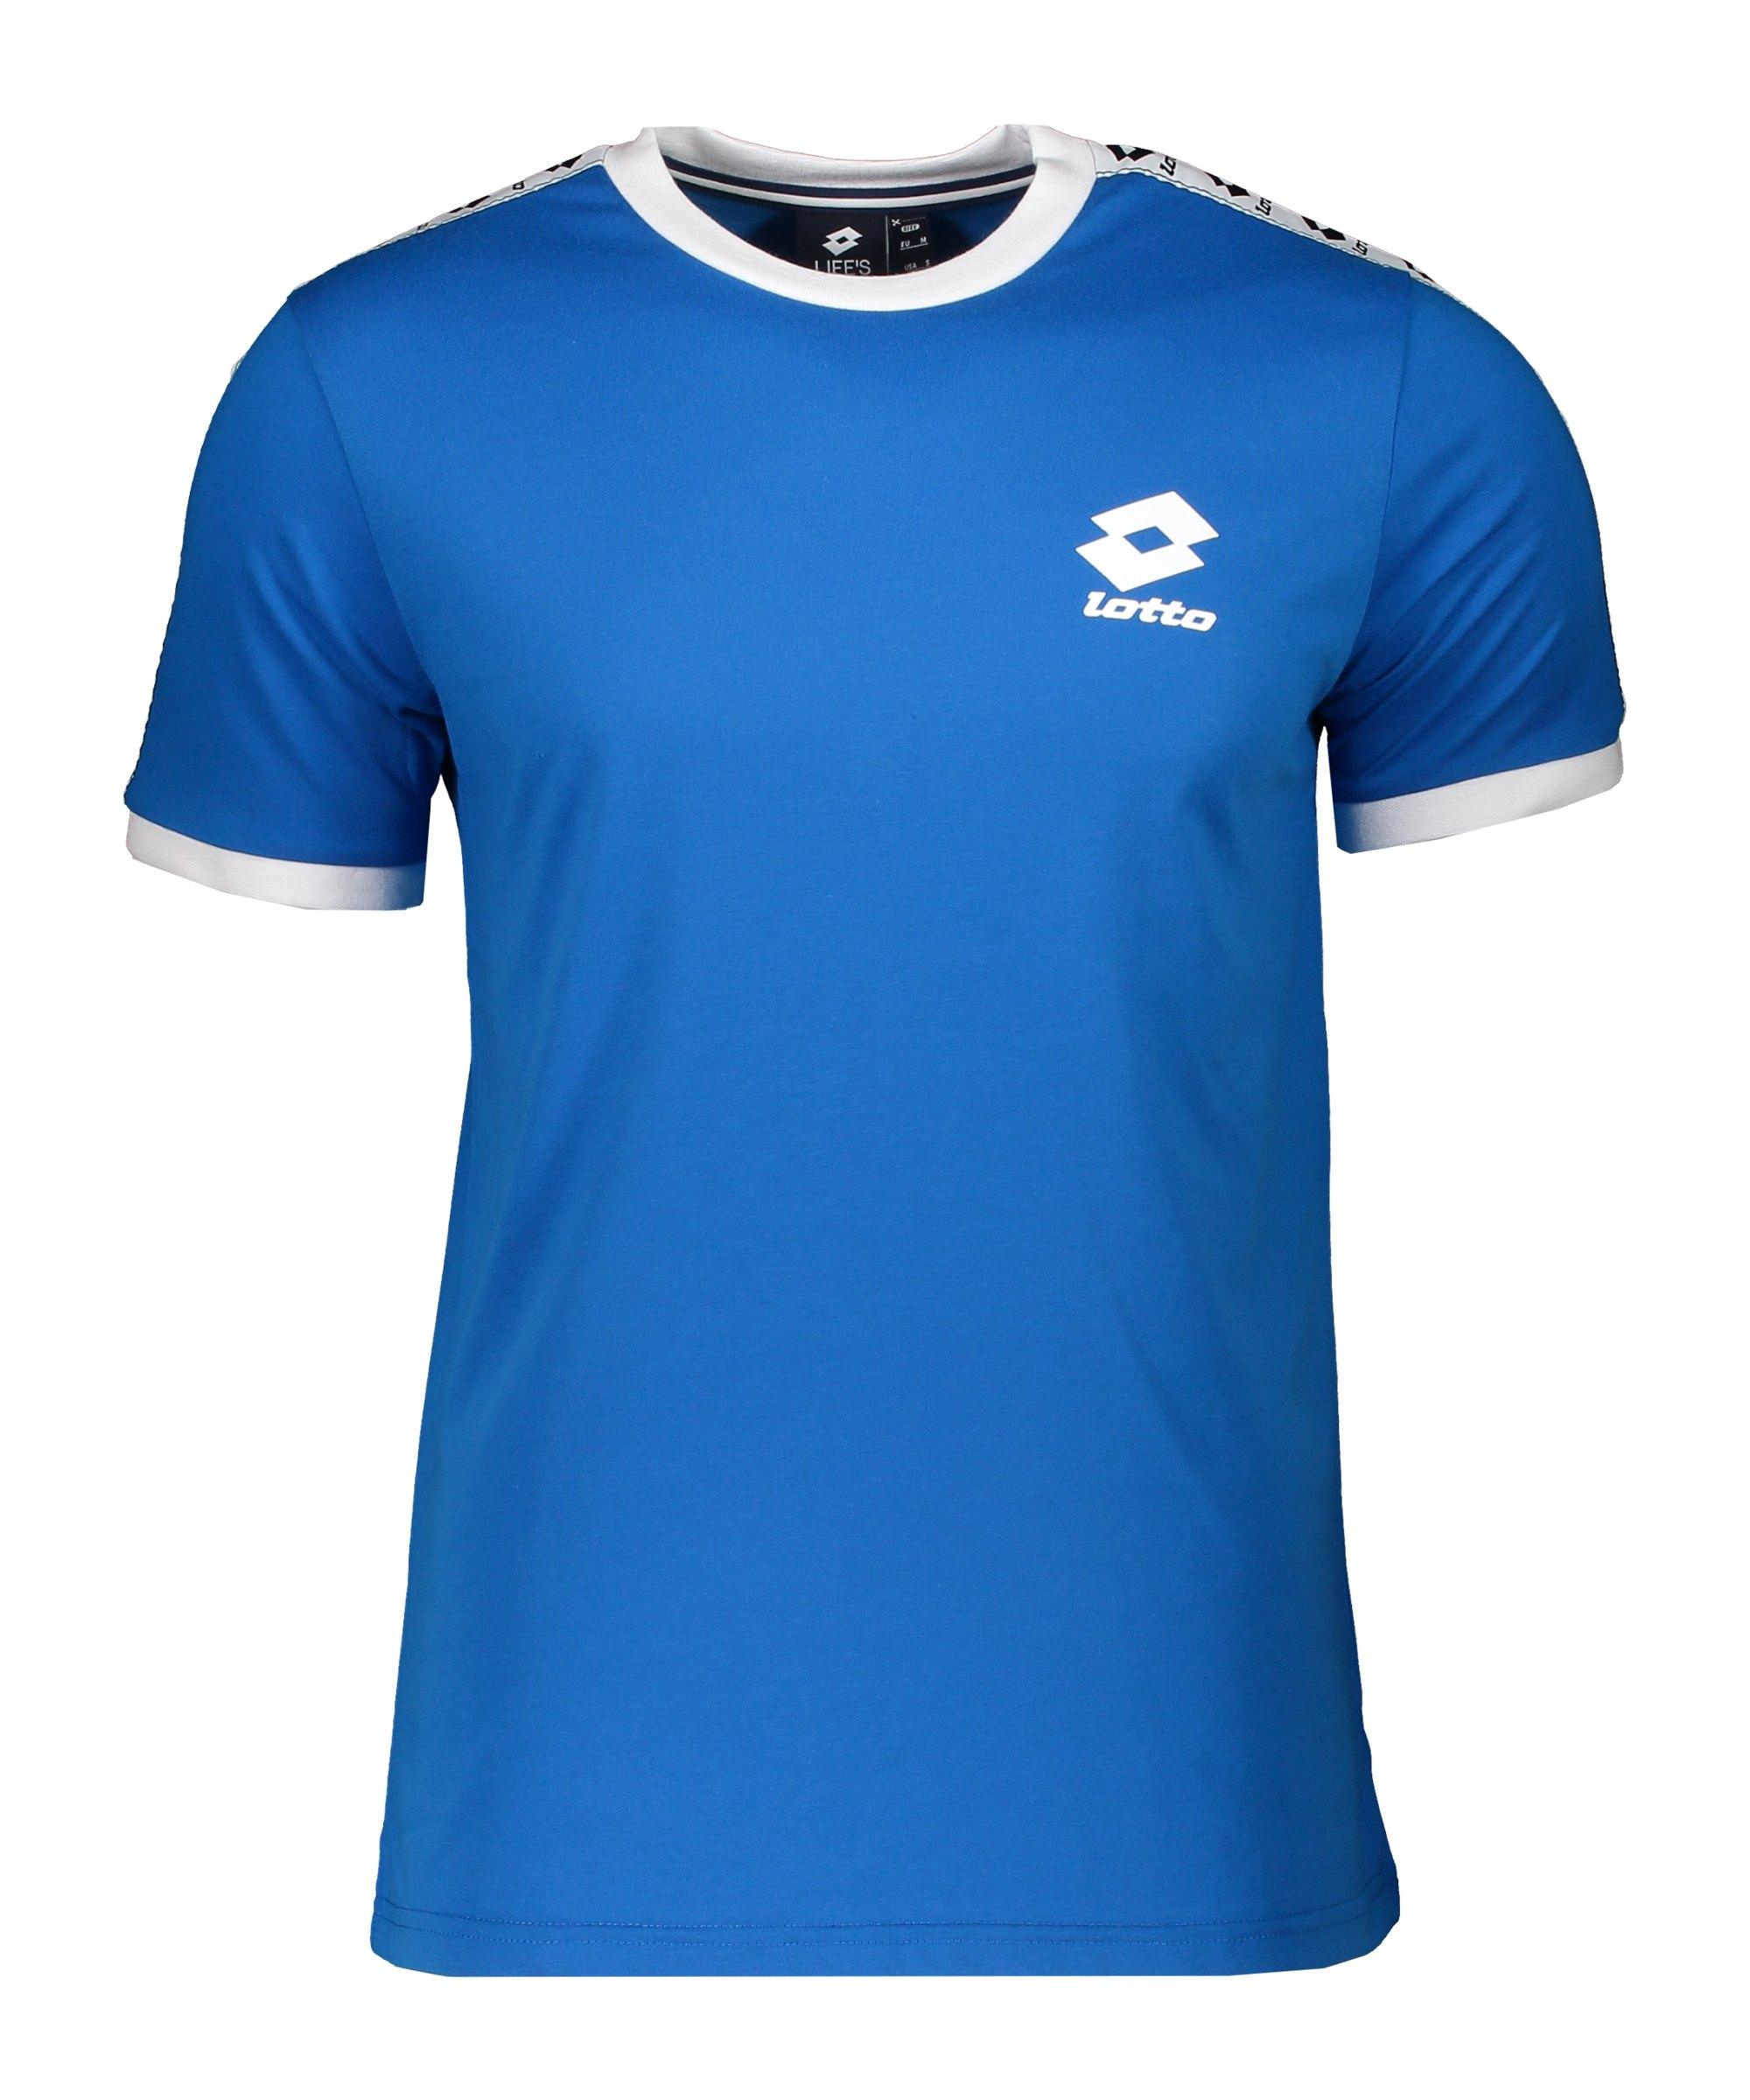 Lotto Athletica T-Shirt Blau F0BR - blau